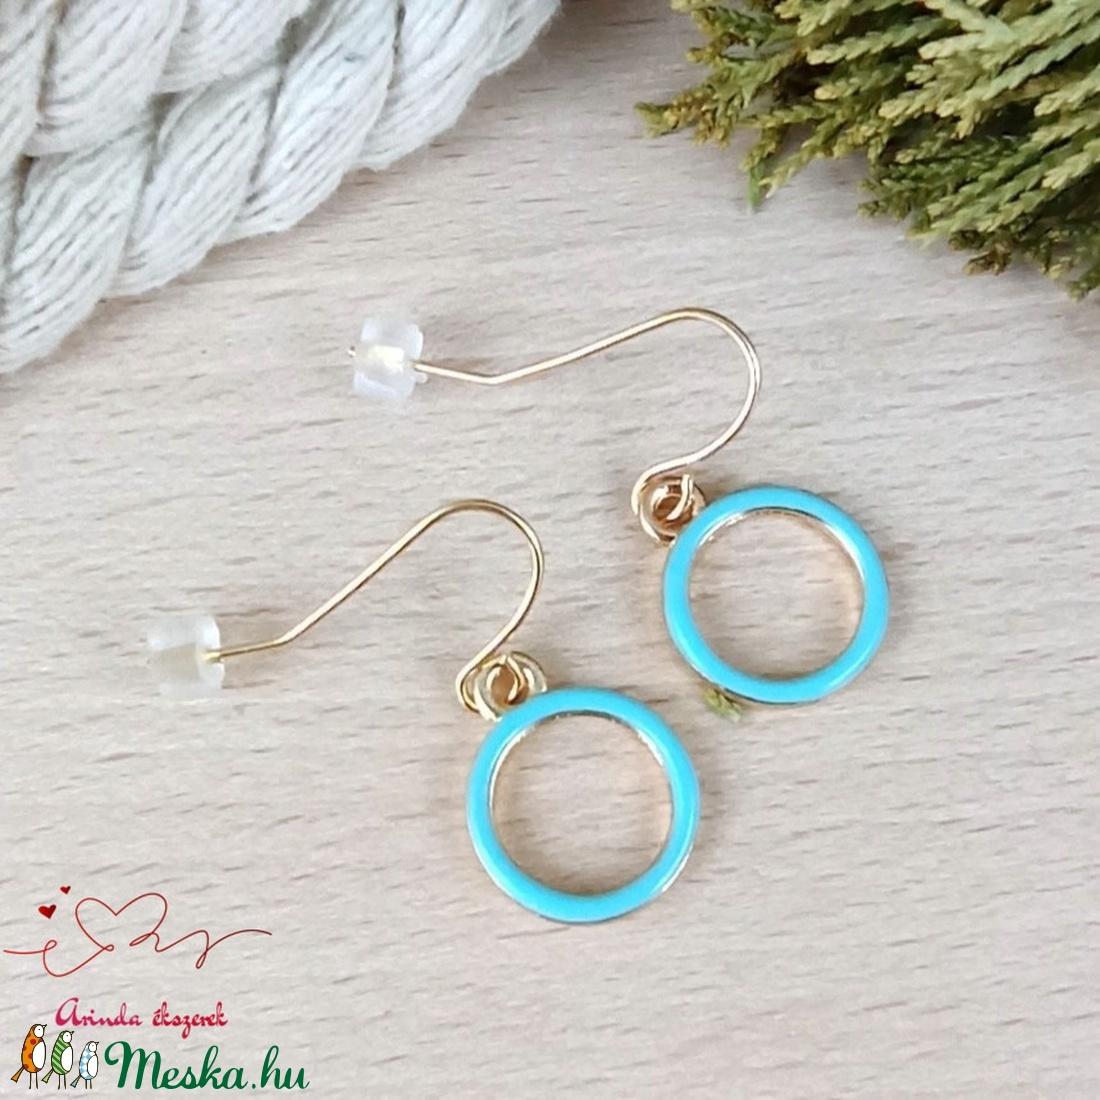 Kék karika fülbevaló karácsonyra mikulásra télire adventi kalendáriumba nőnek lánynak - ékszer - fülbevaló - lógó fülbevaló - Meska.hu